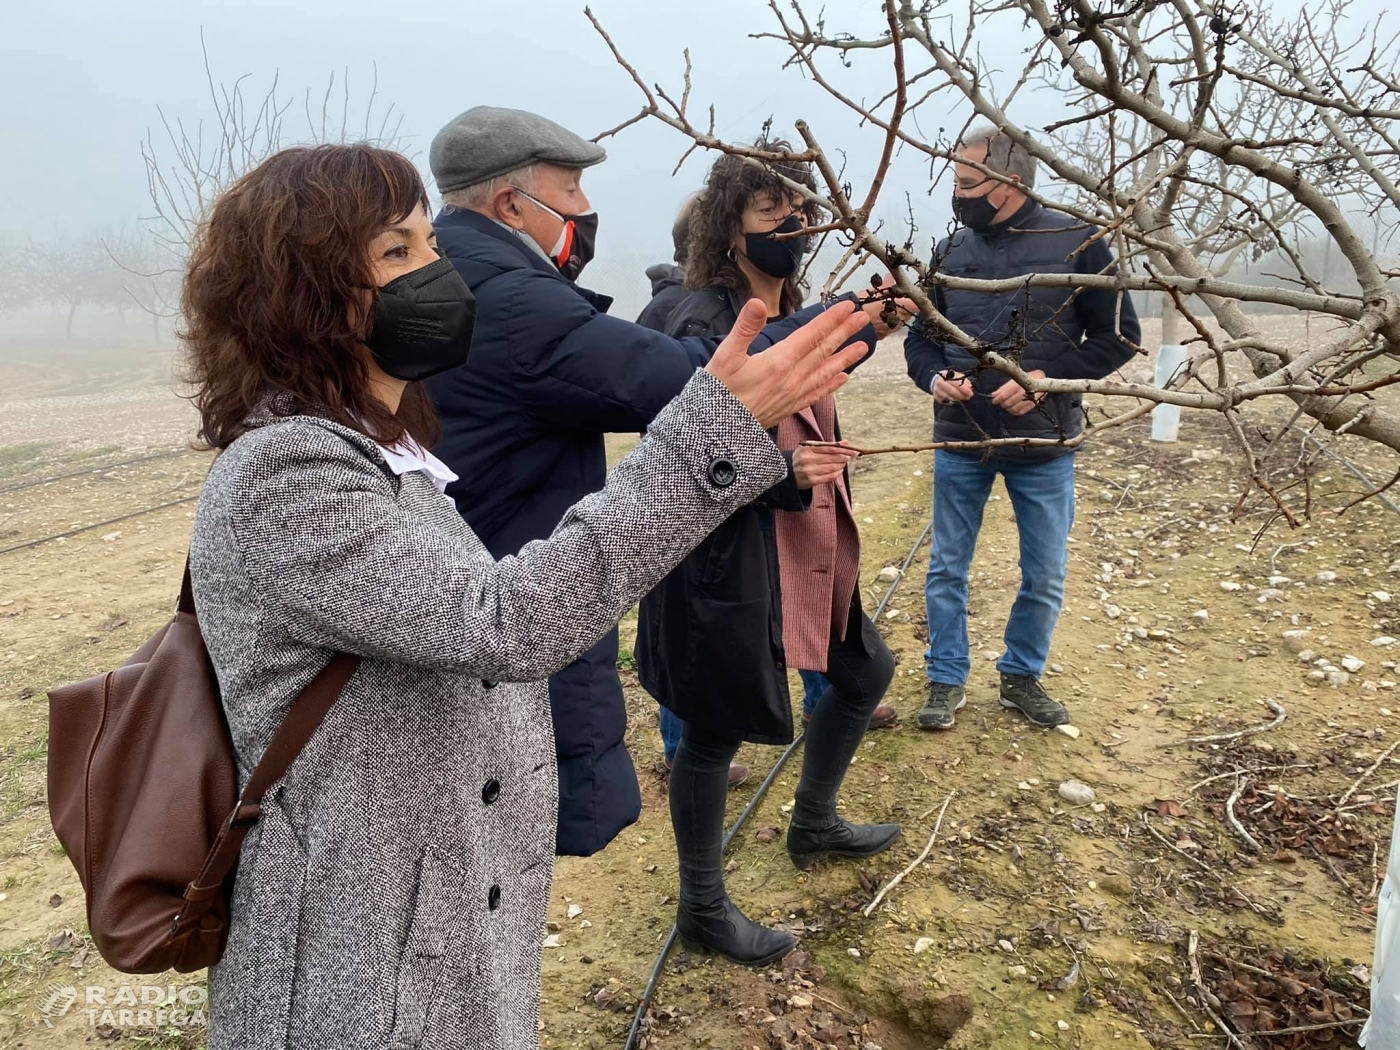 La consellera d'Agricultura Teresa Jordà visita la finca Mas de Colom a Tàrrega propietat de Borges